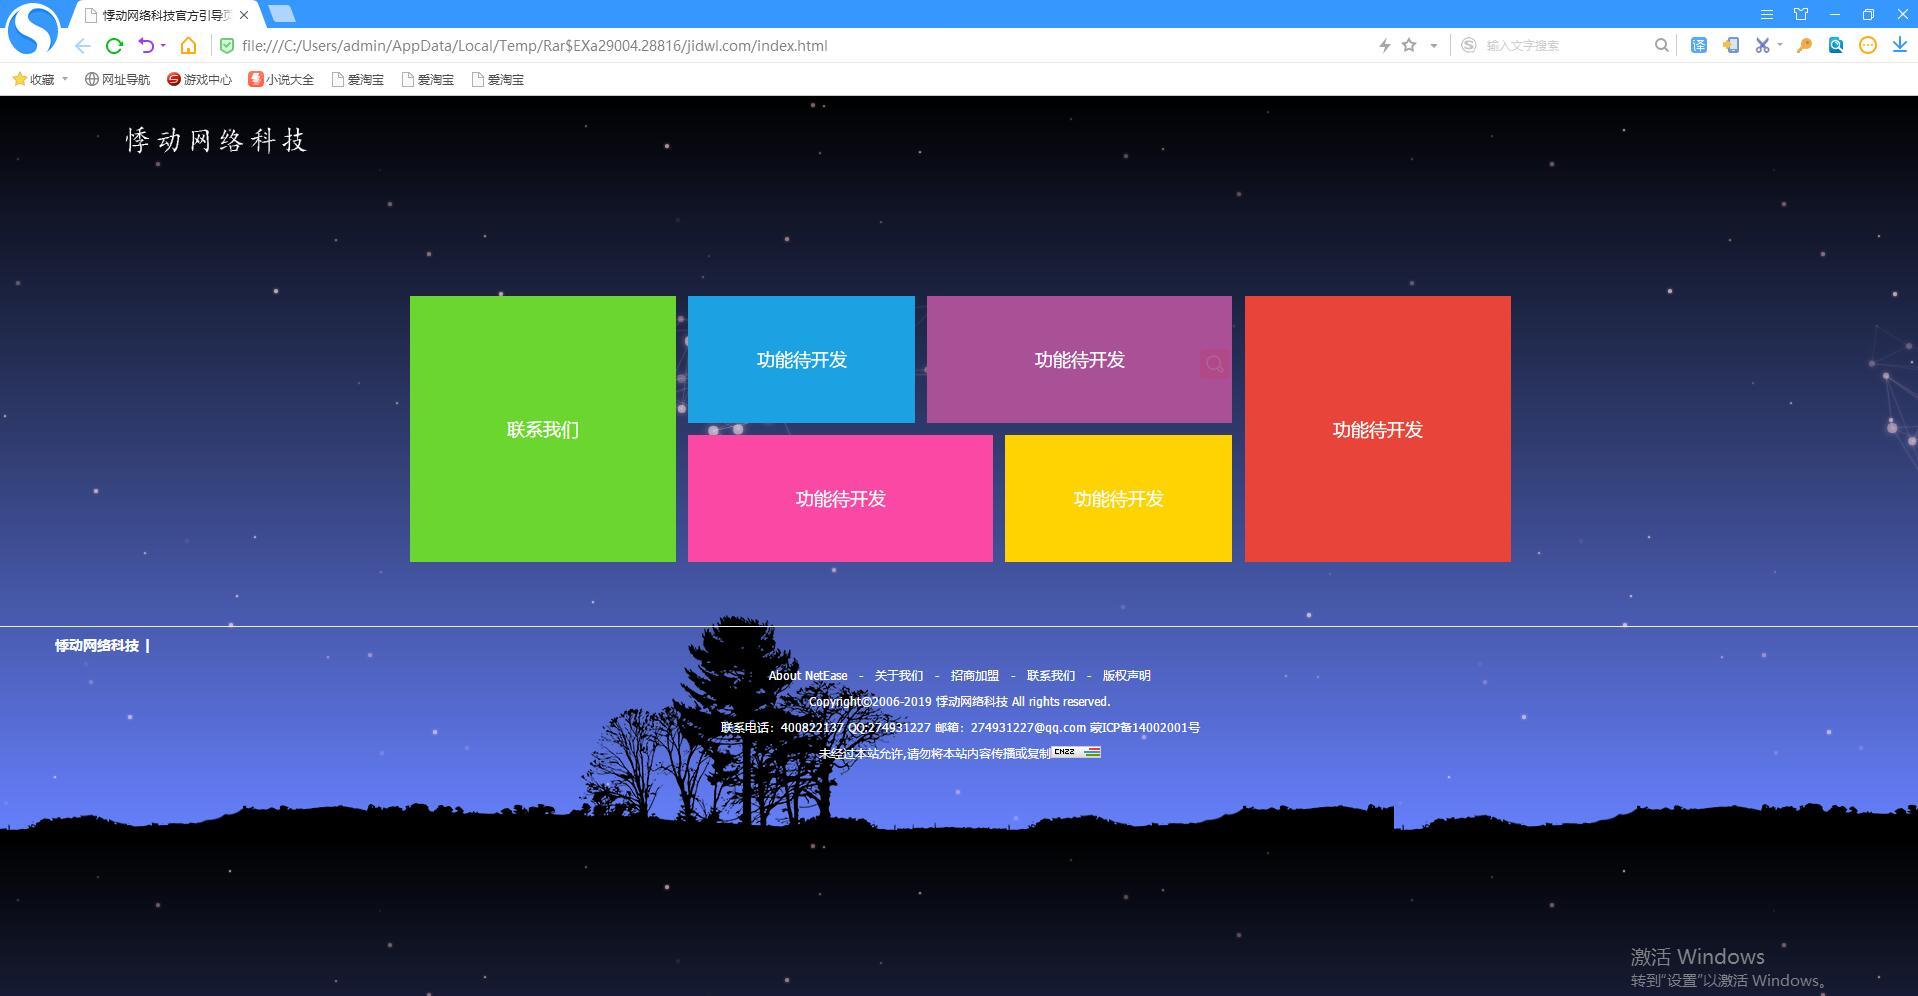 唯美大方简洁首页纯静态html引导页